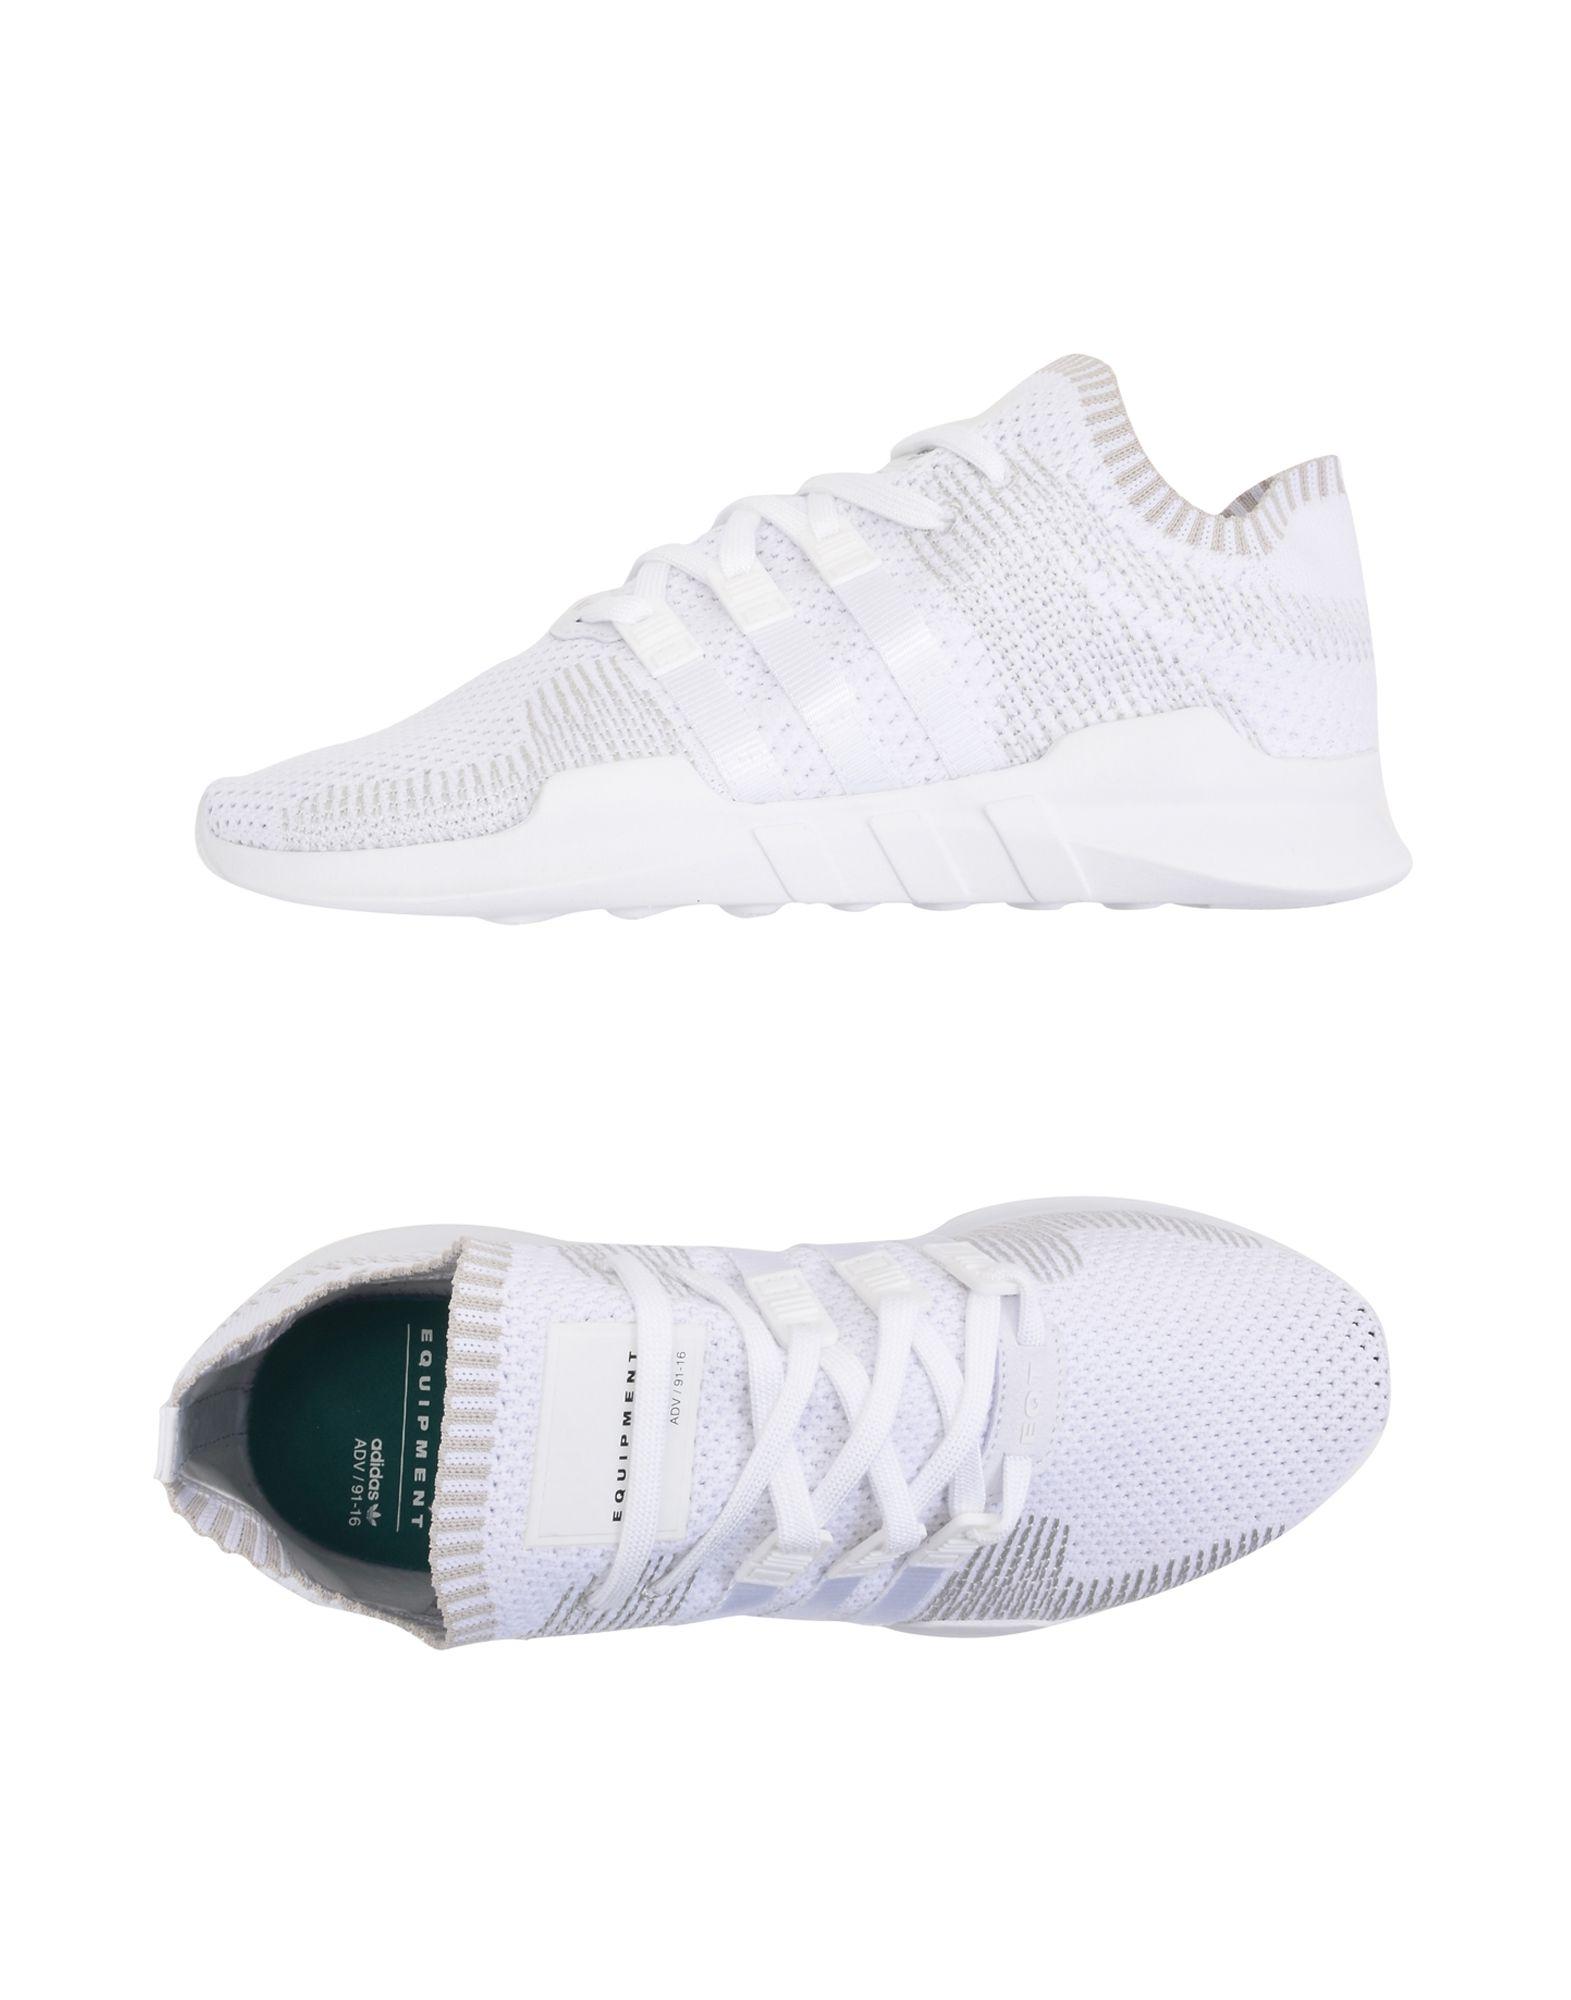 Sneakers Adidas Originals Eqt Uomo Support Adv Pk - Uomo Eqt - 11334439KA b1d1f5